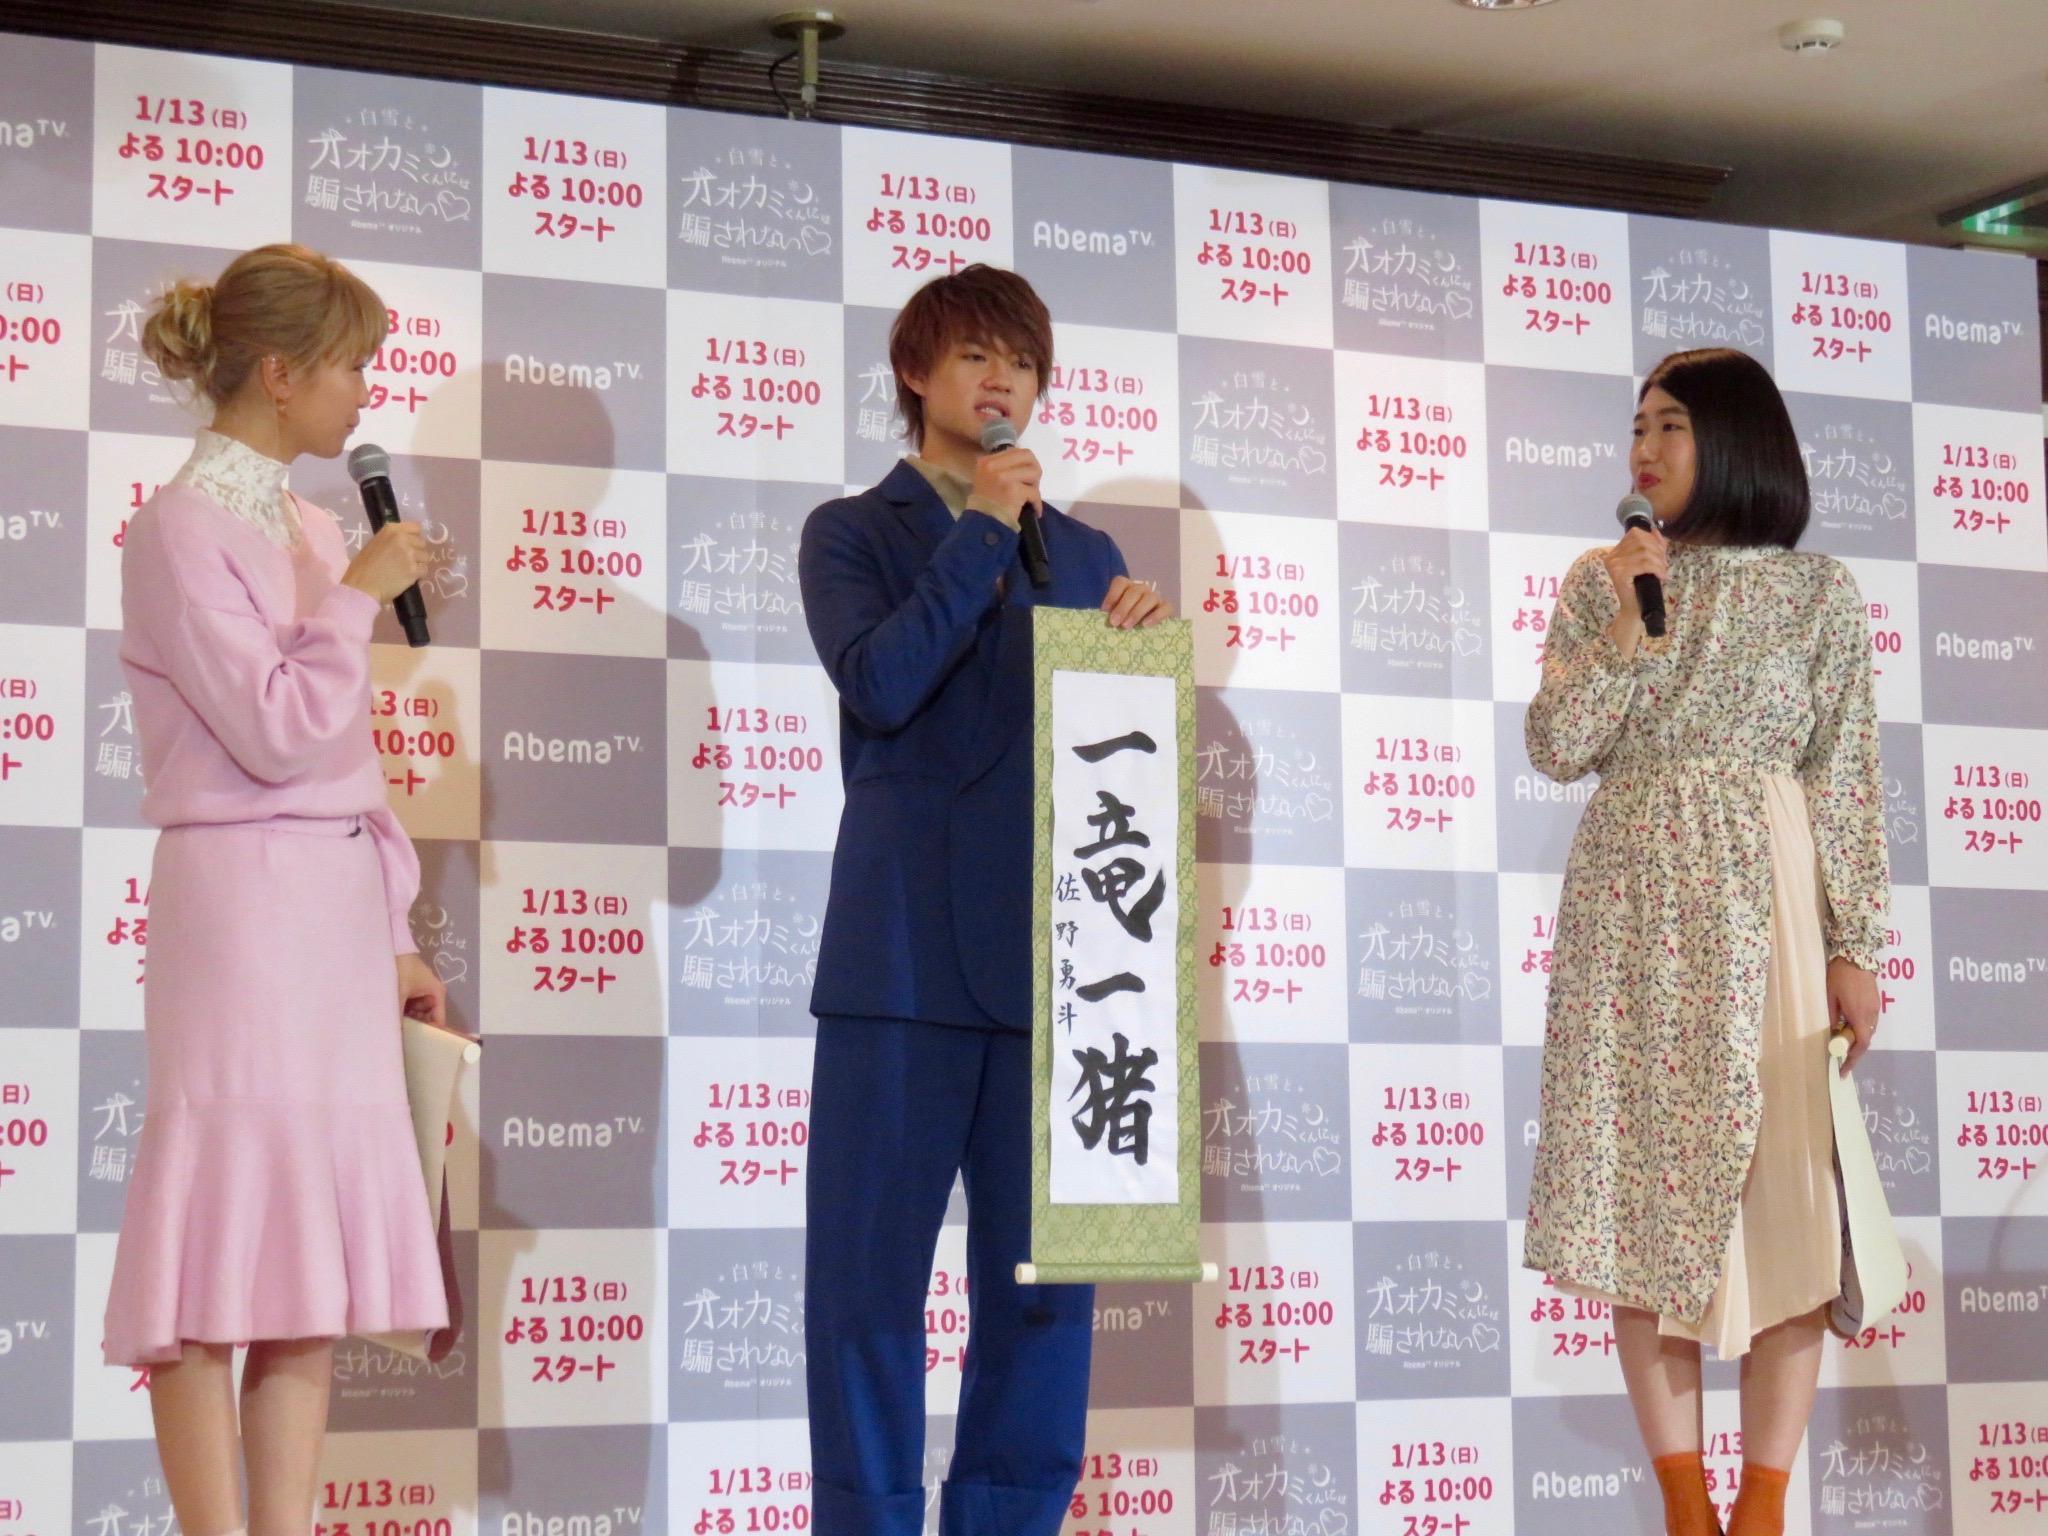 http://news.yoshimoto.co.jp/20190110203752-e76861d0d96dd061eba21c43b98f24232b83a8a7.jpeg